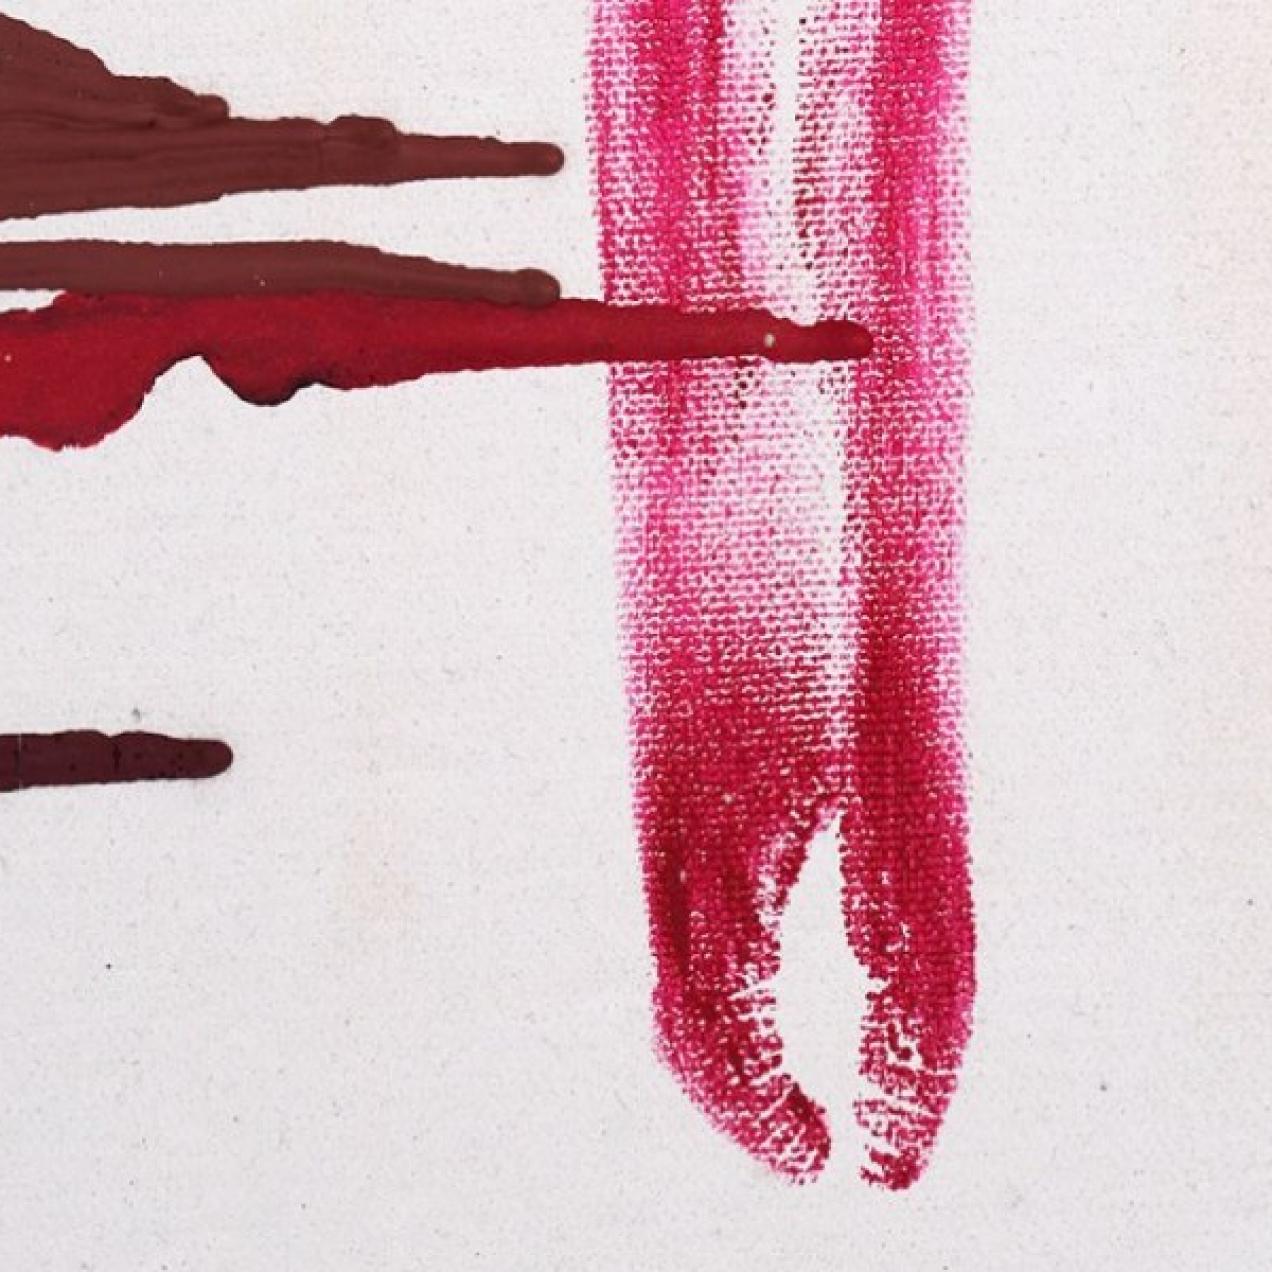 Expresión abstracta: el arte del maquillaje